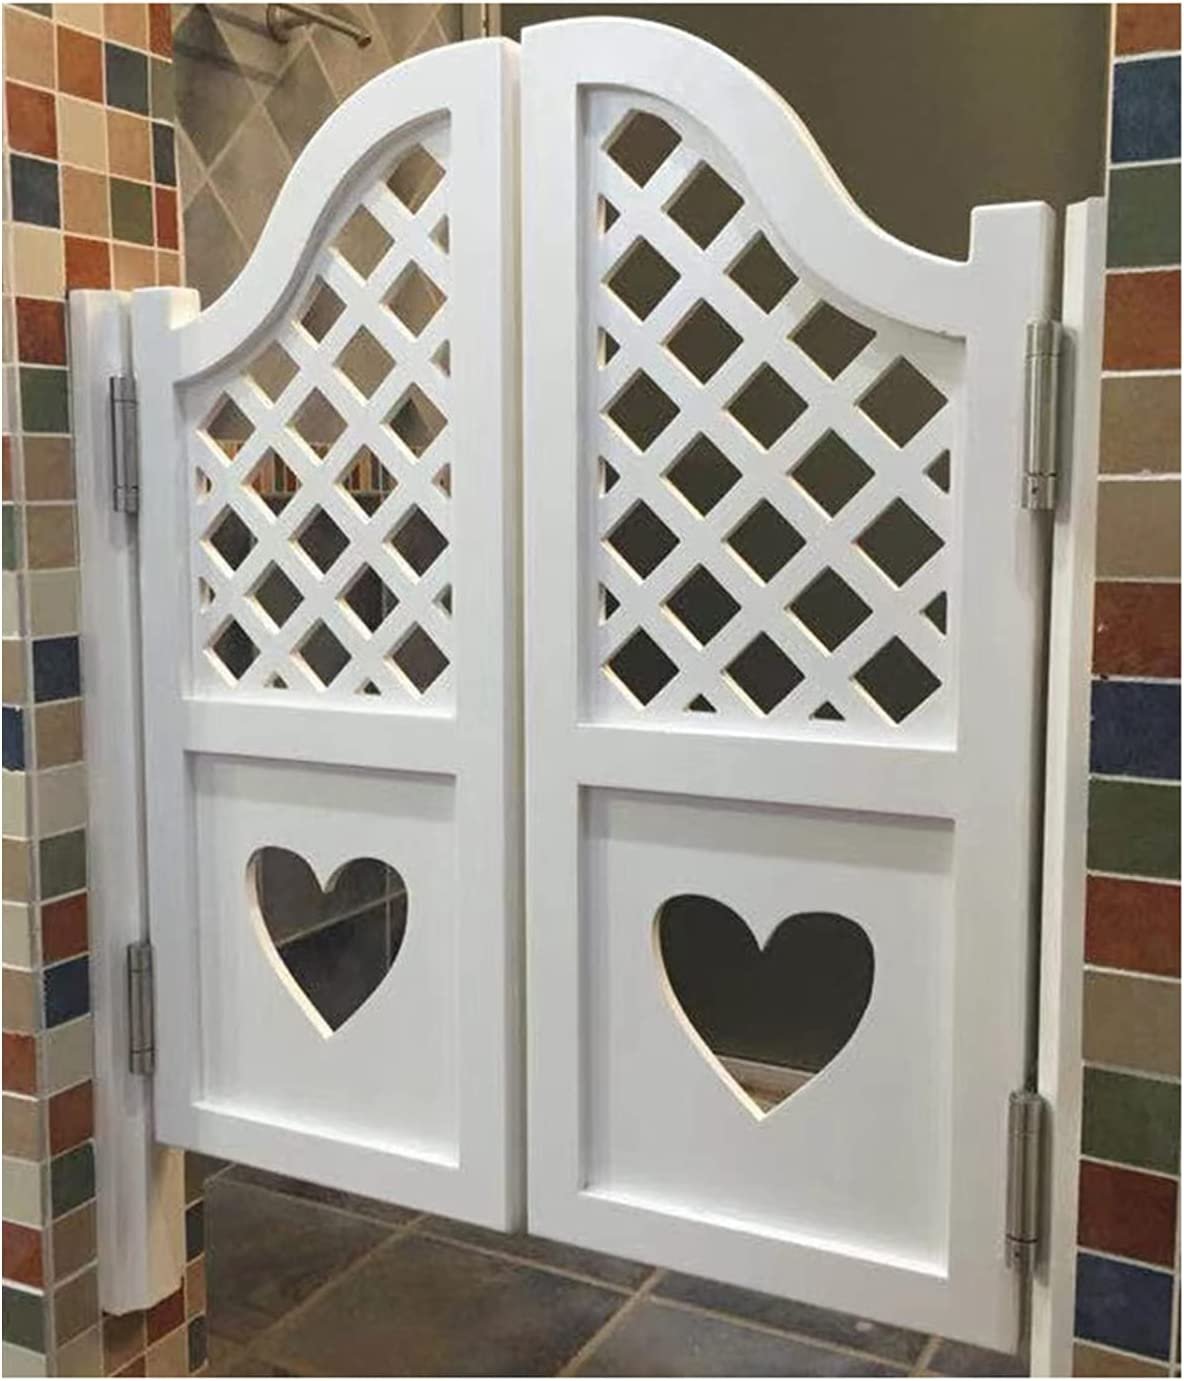 Puerta de café, puerta de la cerca del patio, puerta de partición interior con bisagras, cierre automático de la puerta de madera maciza, puerta de entrada a la cocina, puerta del pasillo